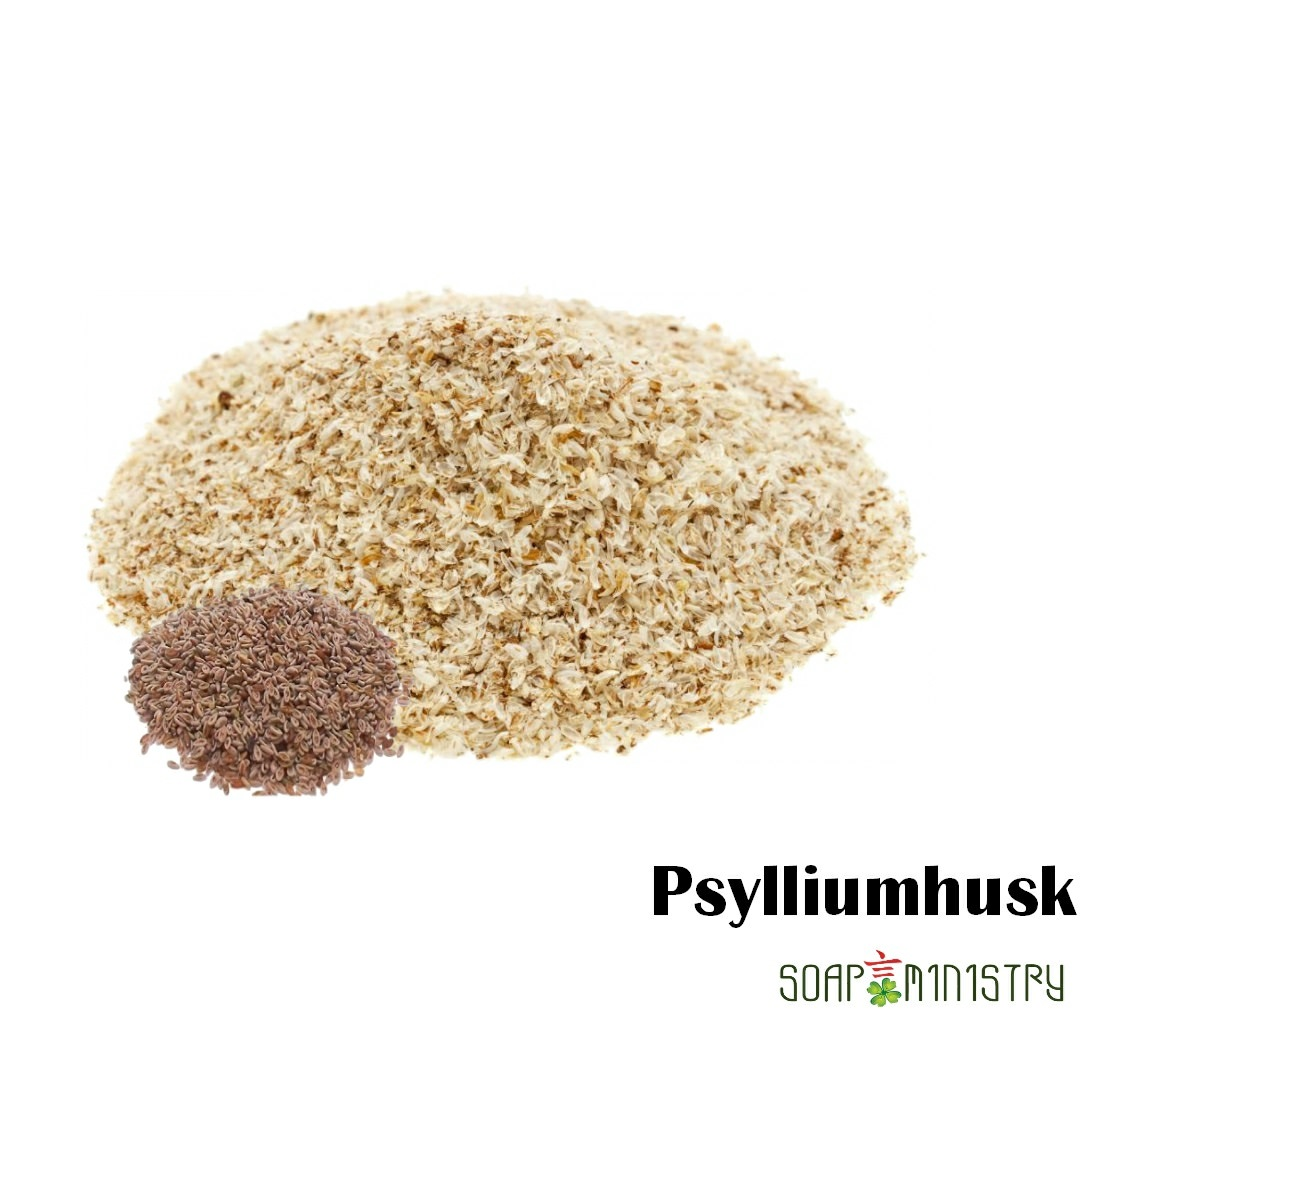 Psylliumhusk 50g